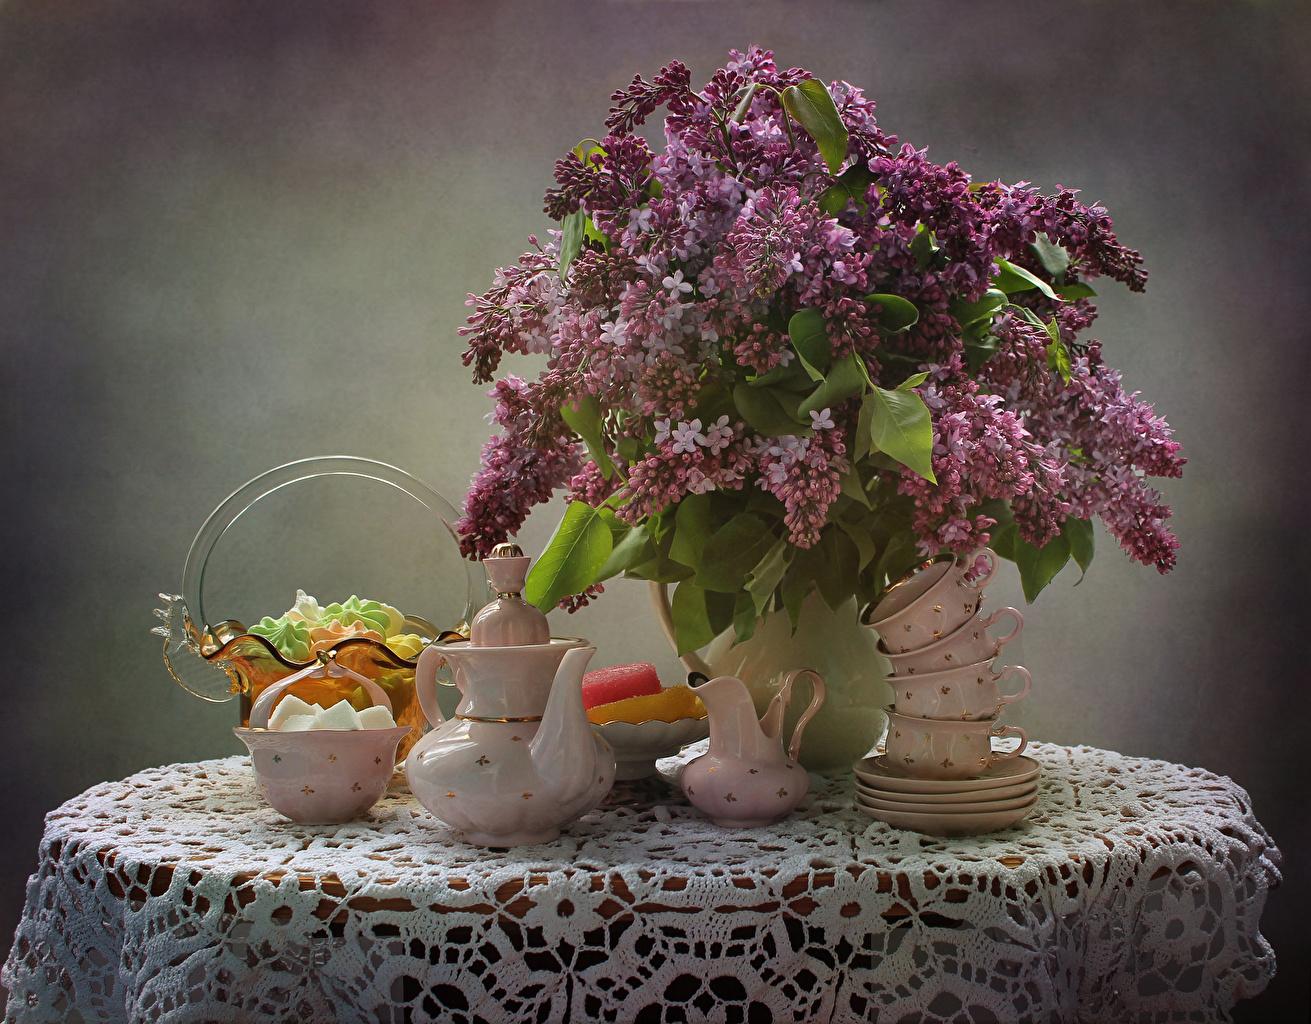 Картинка букет Цветы Чайник Сирень чашке Натюрморт Букеты цветок Чашка